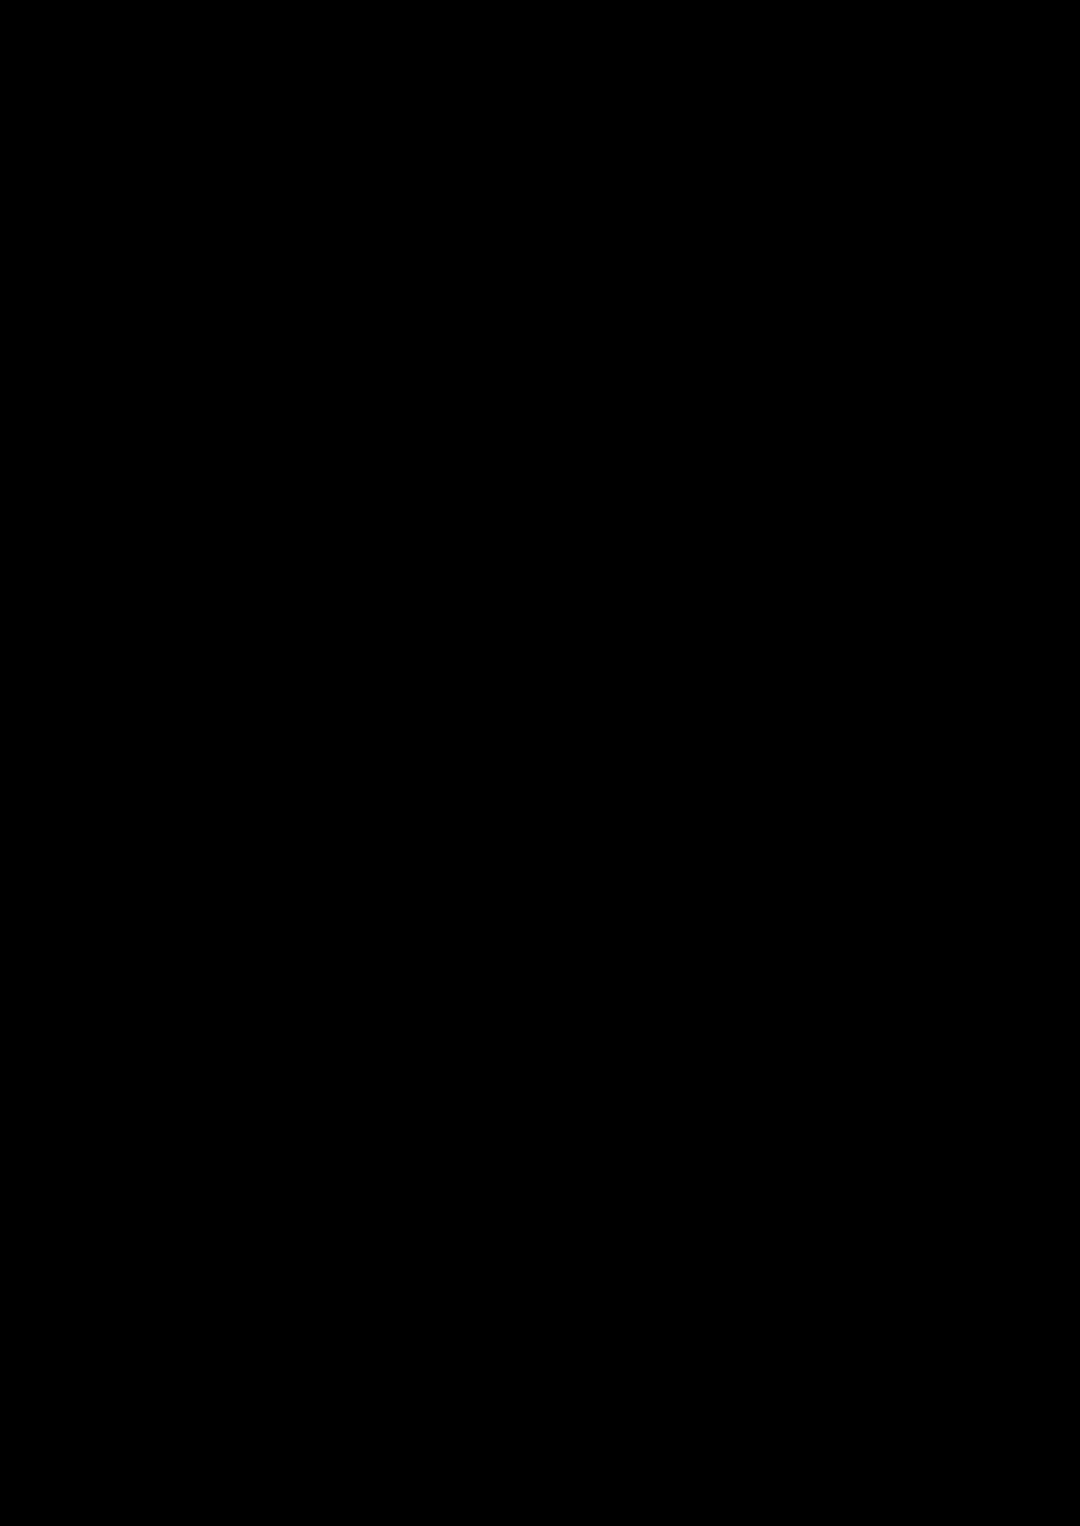 【長編・エロ漫画】エルフの村に襲撃に入るがいつの間にか仲間は買収され主人公は目が覚めると女エルフに変わっていた!女の身体に戸惑いつつも仲間のチンポで何度もイカされ、さらには性奴隷へと堕ちていく…地下牢に閉じ込められながら村の男に犯され続け何度も絶頂!【かんむり】